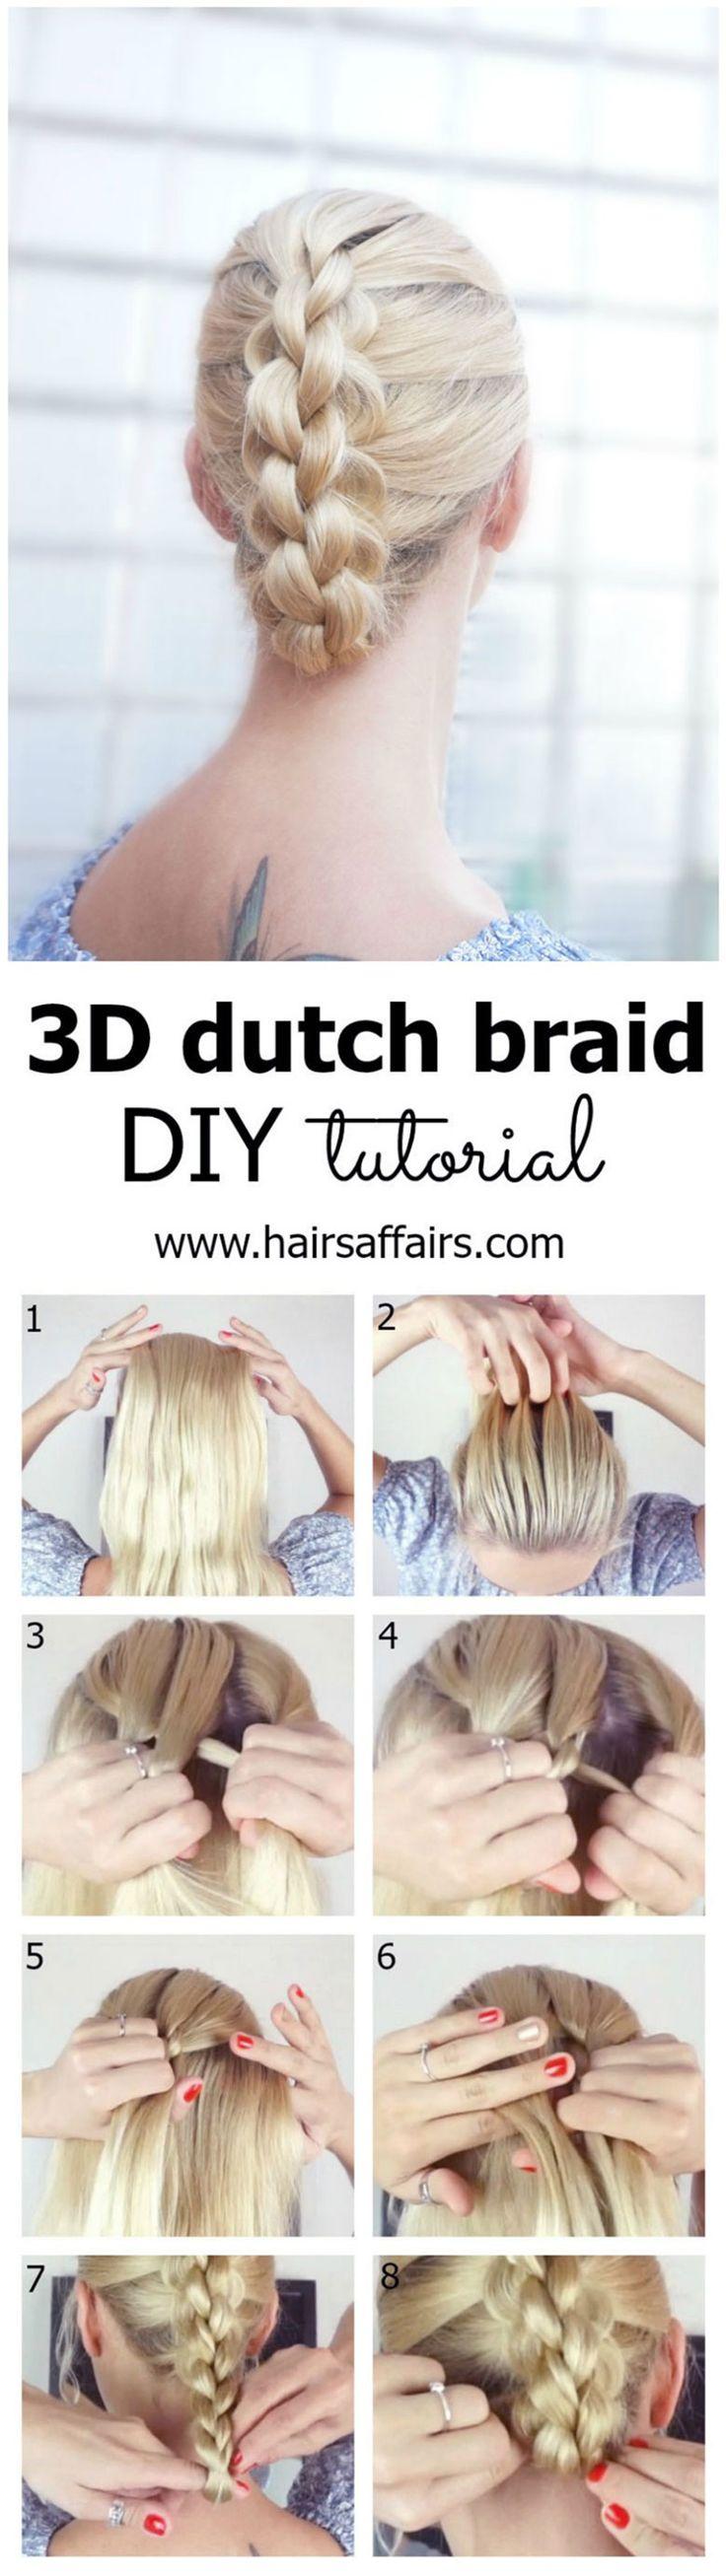 DIY 3D dutch braid tutorial https://hairsaffairs.com/diy-3d-dutch-braid-tutorial-bad-hair-day/